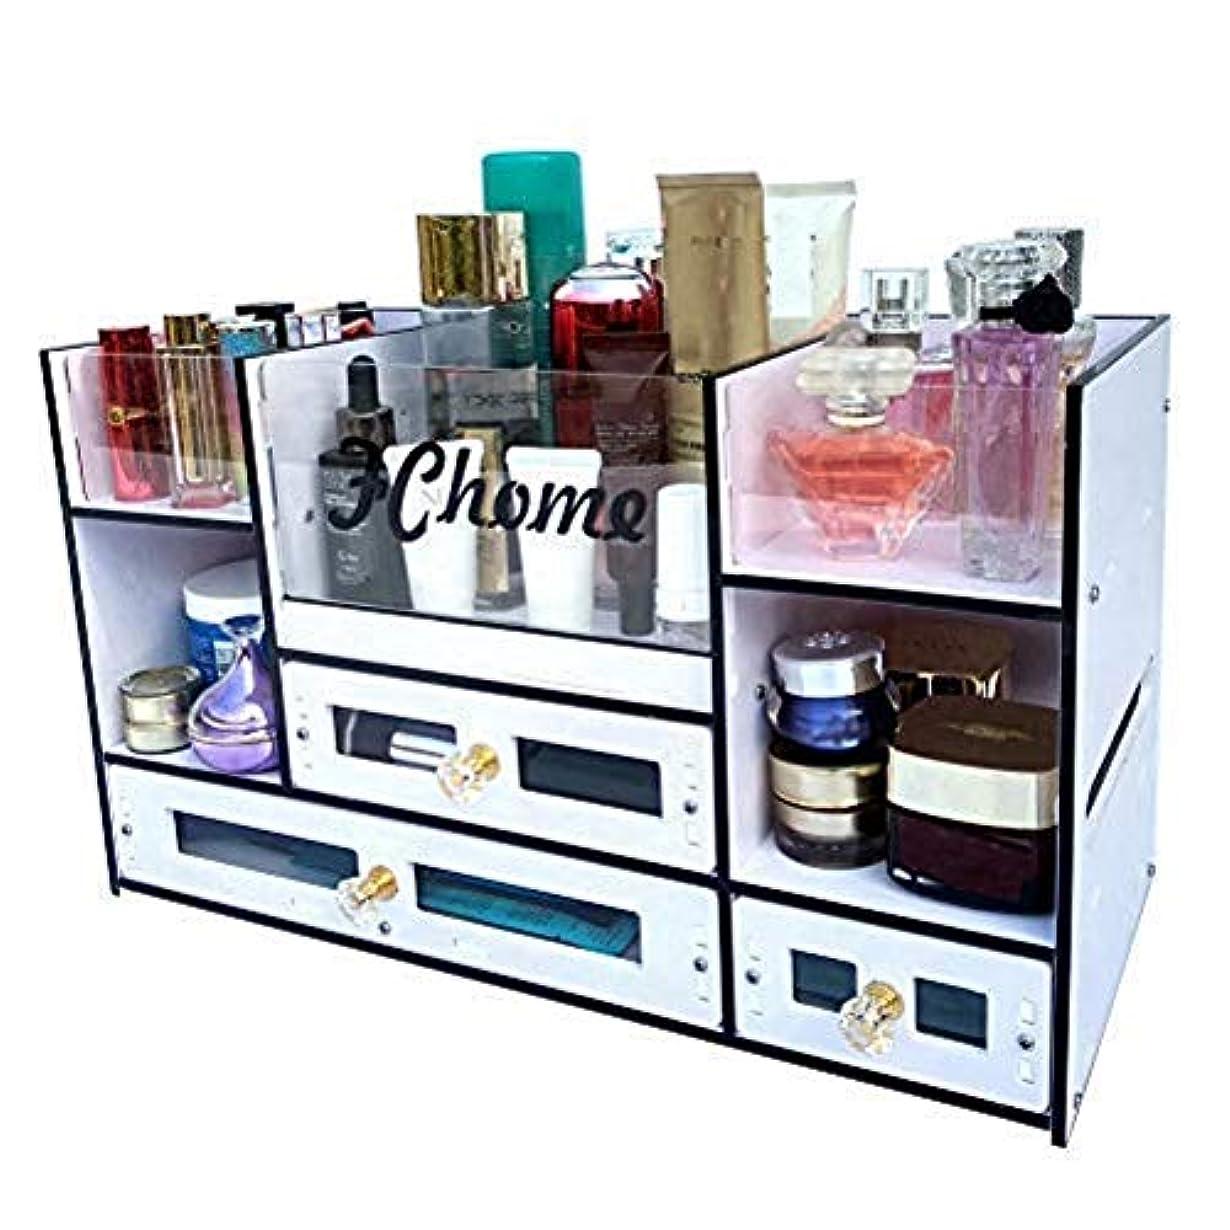 バンク唯一技術的なFChome 化粧品収納ボックス 引き出し アクリルPVCジュエリー 化粧品ディスプレイケース メイクアップオーガナイザーセット 特大